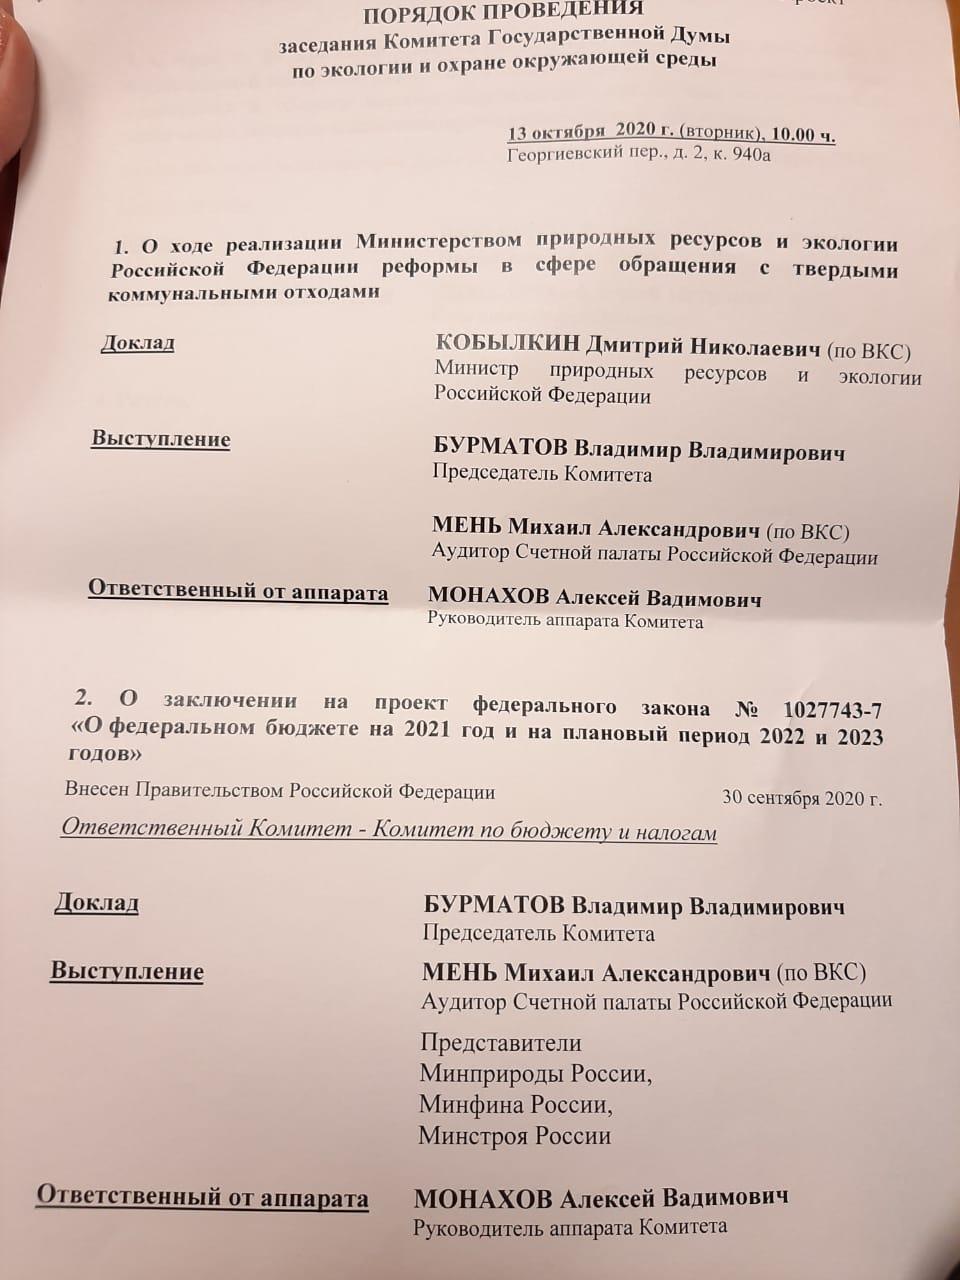 Порядок проведения заседания комитета по экологии ГД РФ.